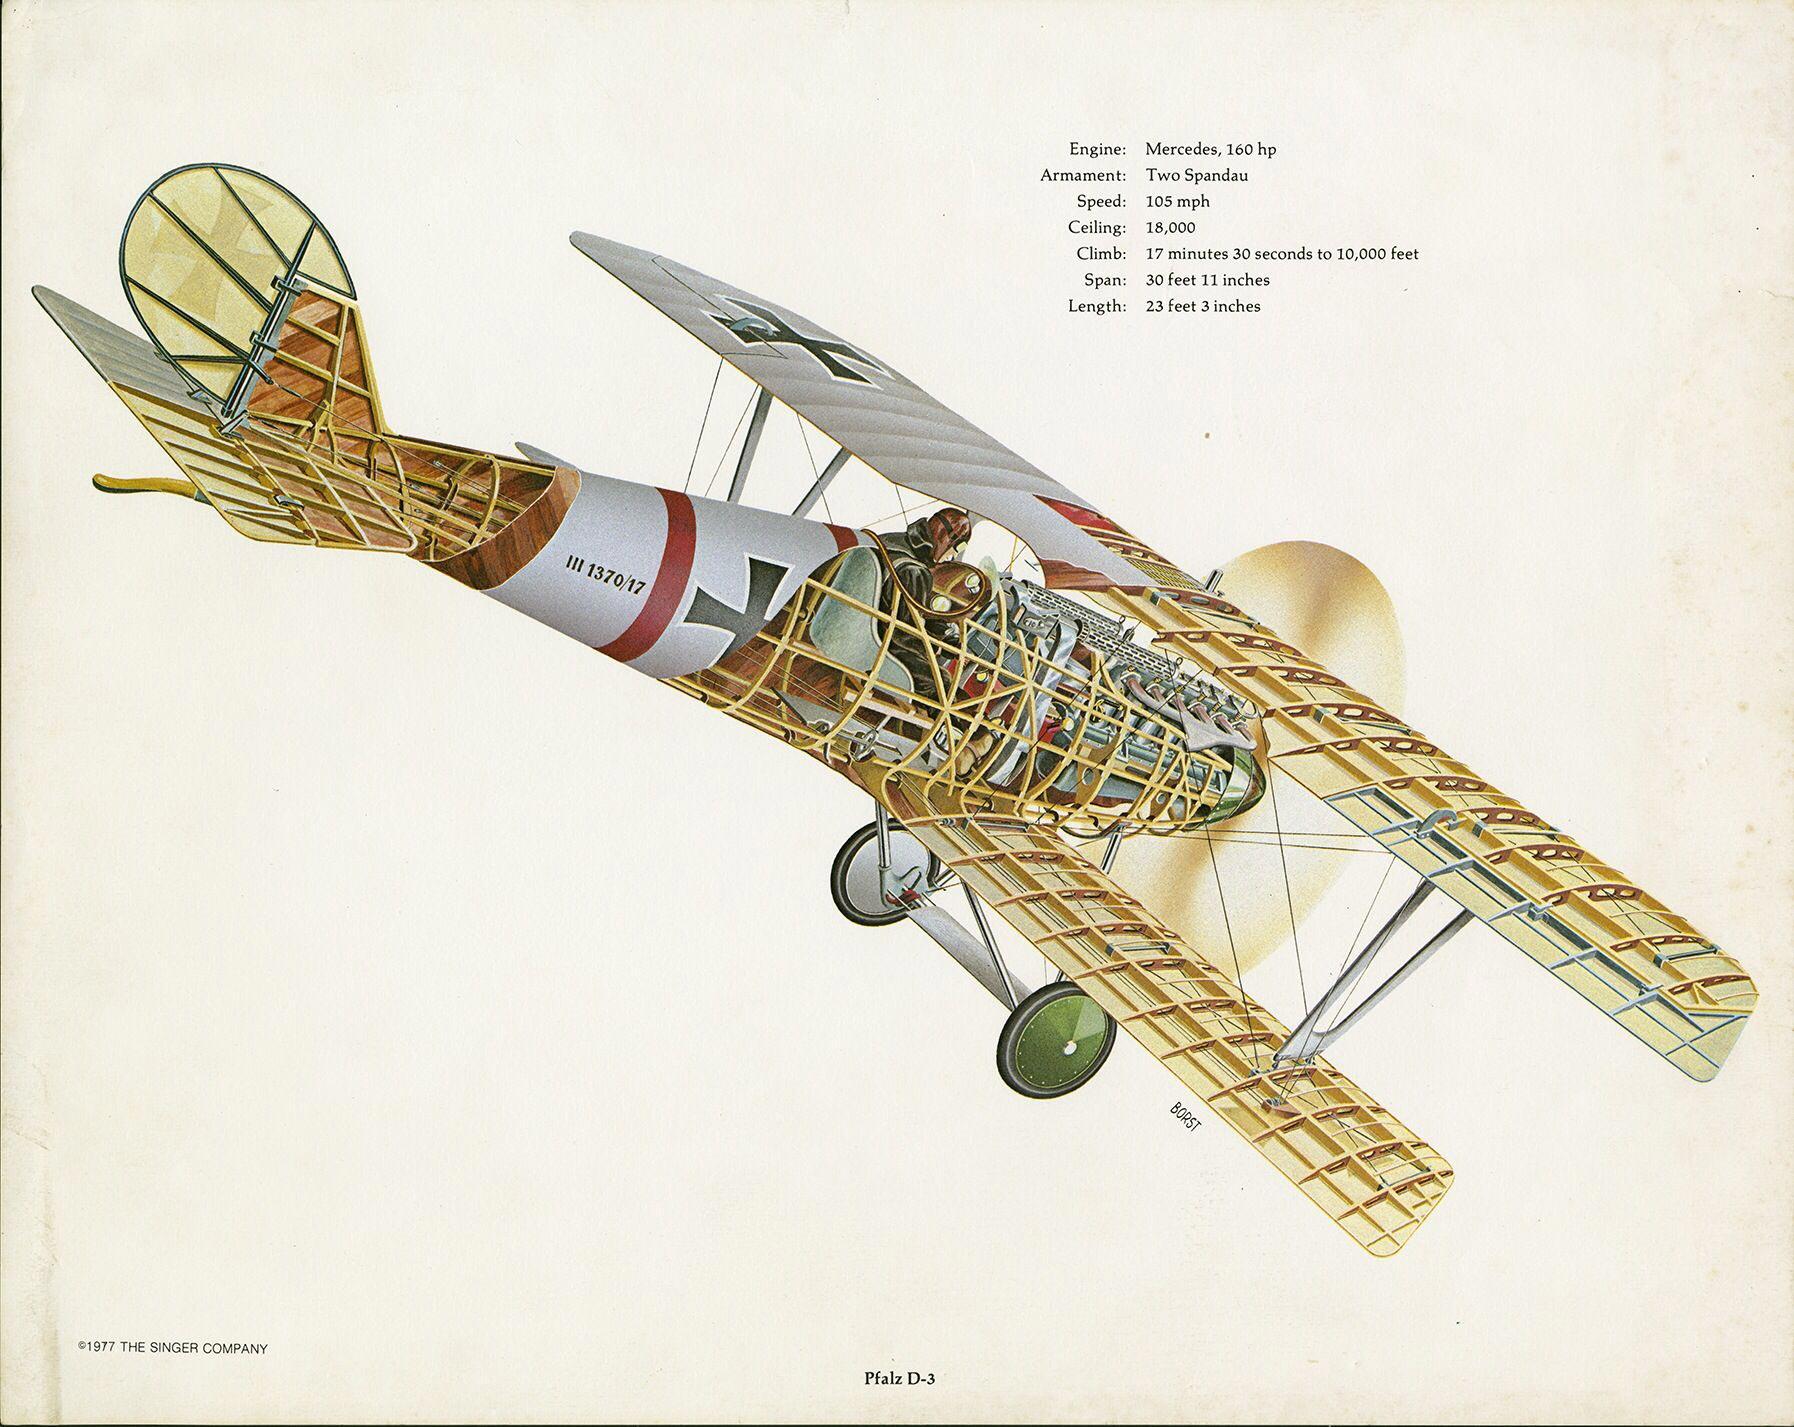 Pfalz D.III cutaway